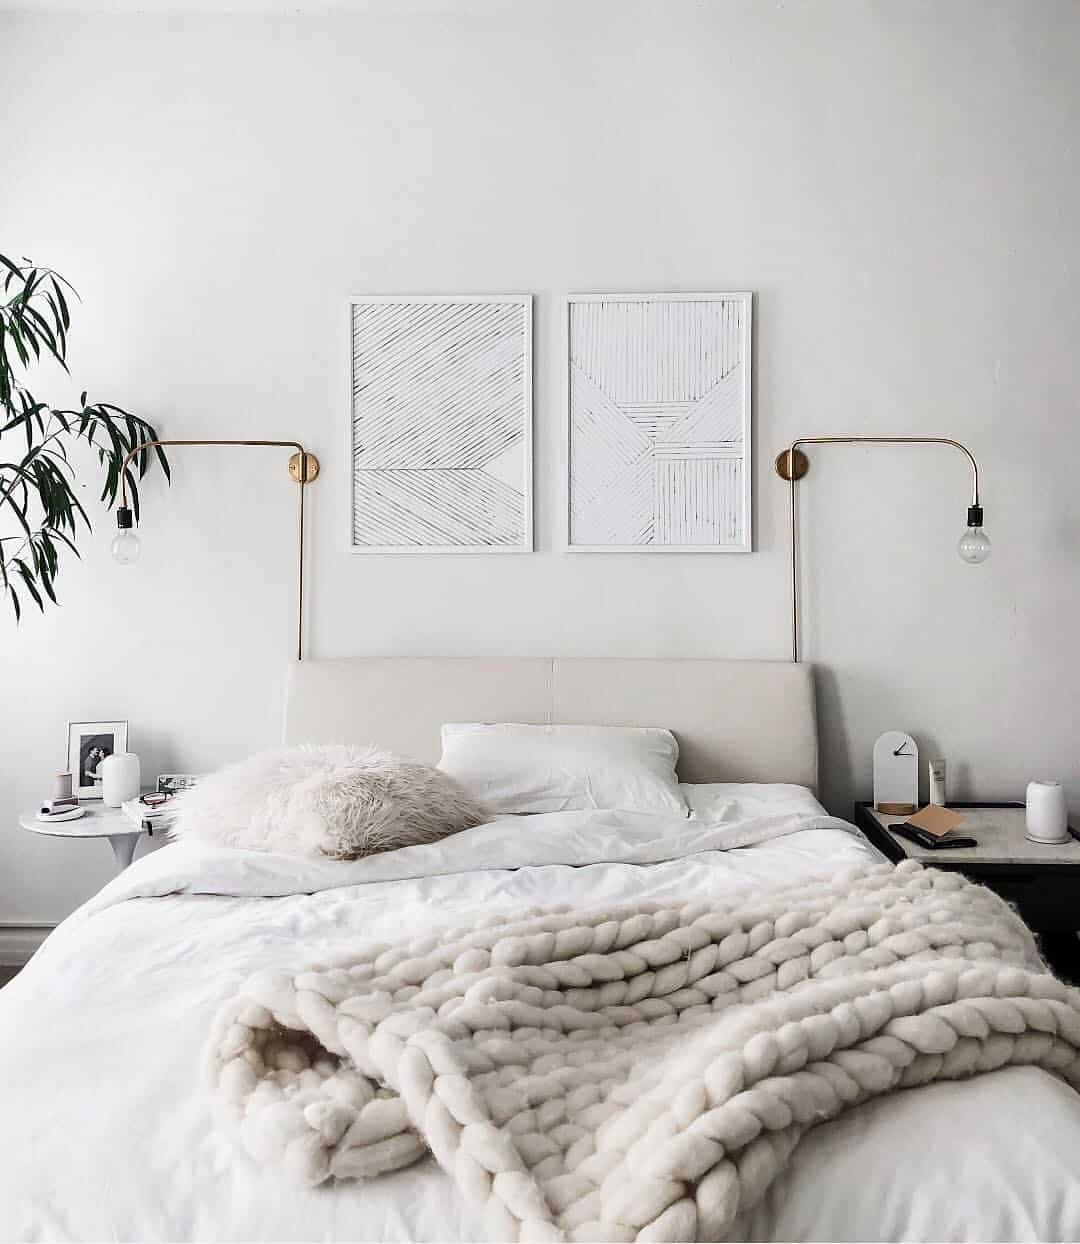 спальня-дизайн-фото-в-современном-стиле